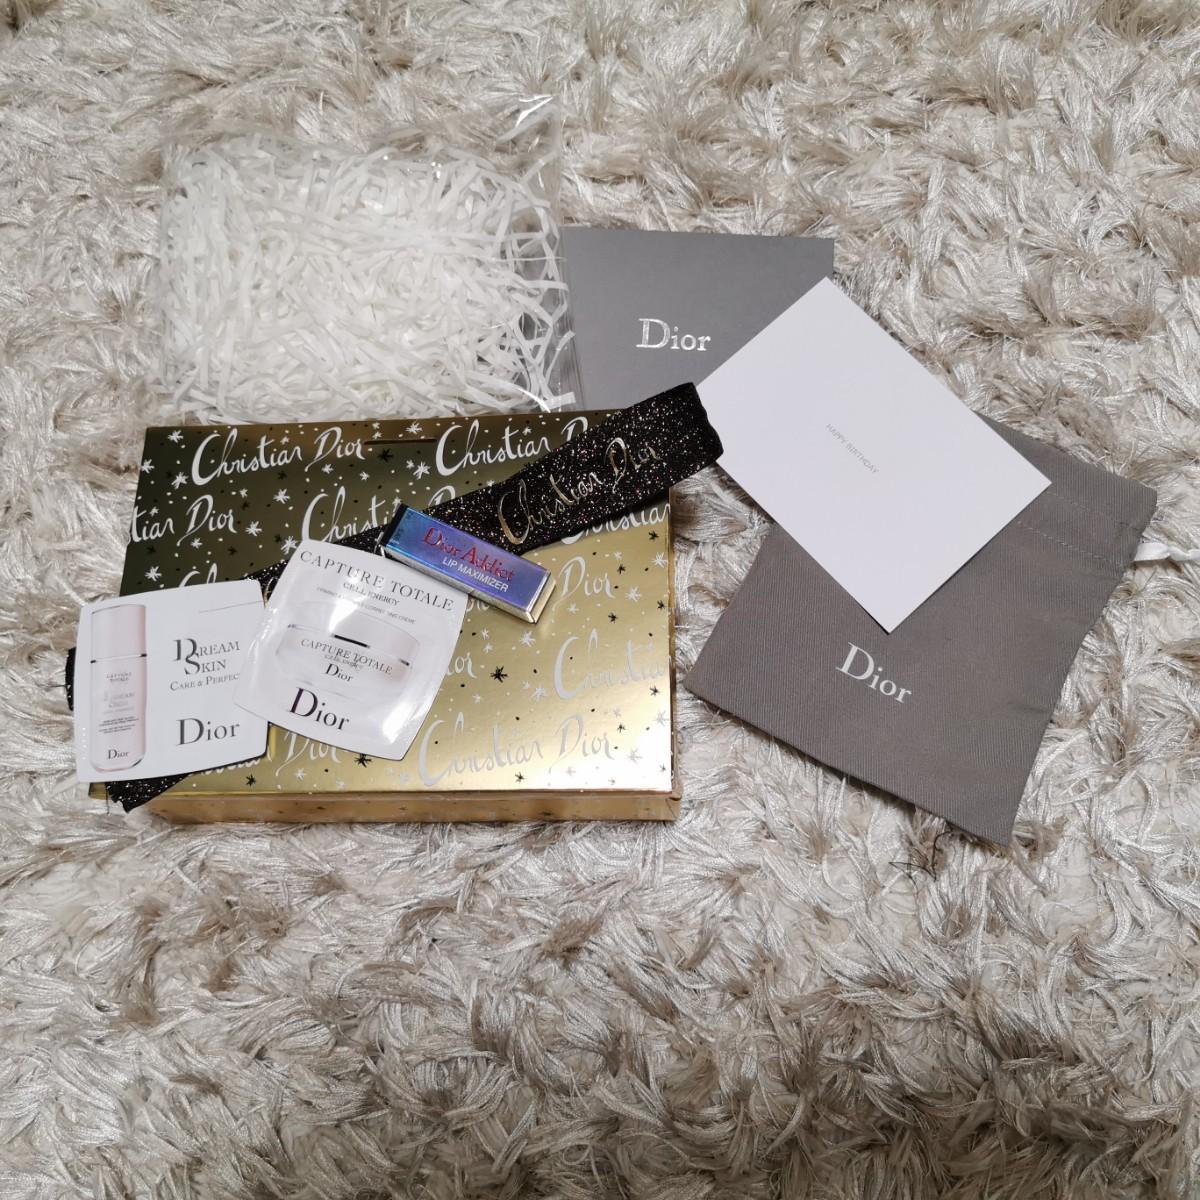 Dior アディクトリップマキシマイザー&サンプル&ギフト梱包セット